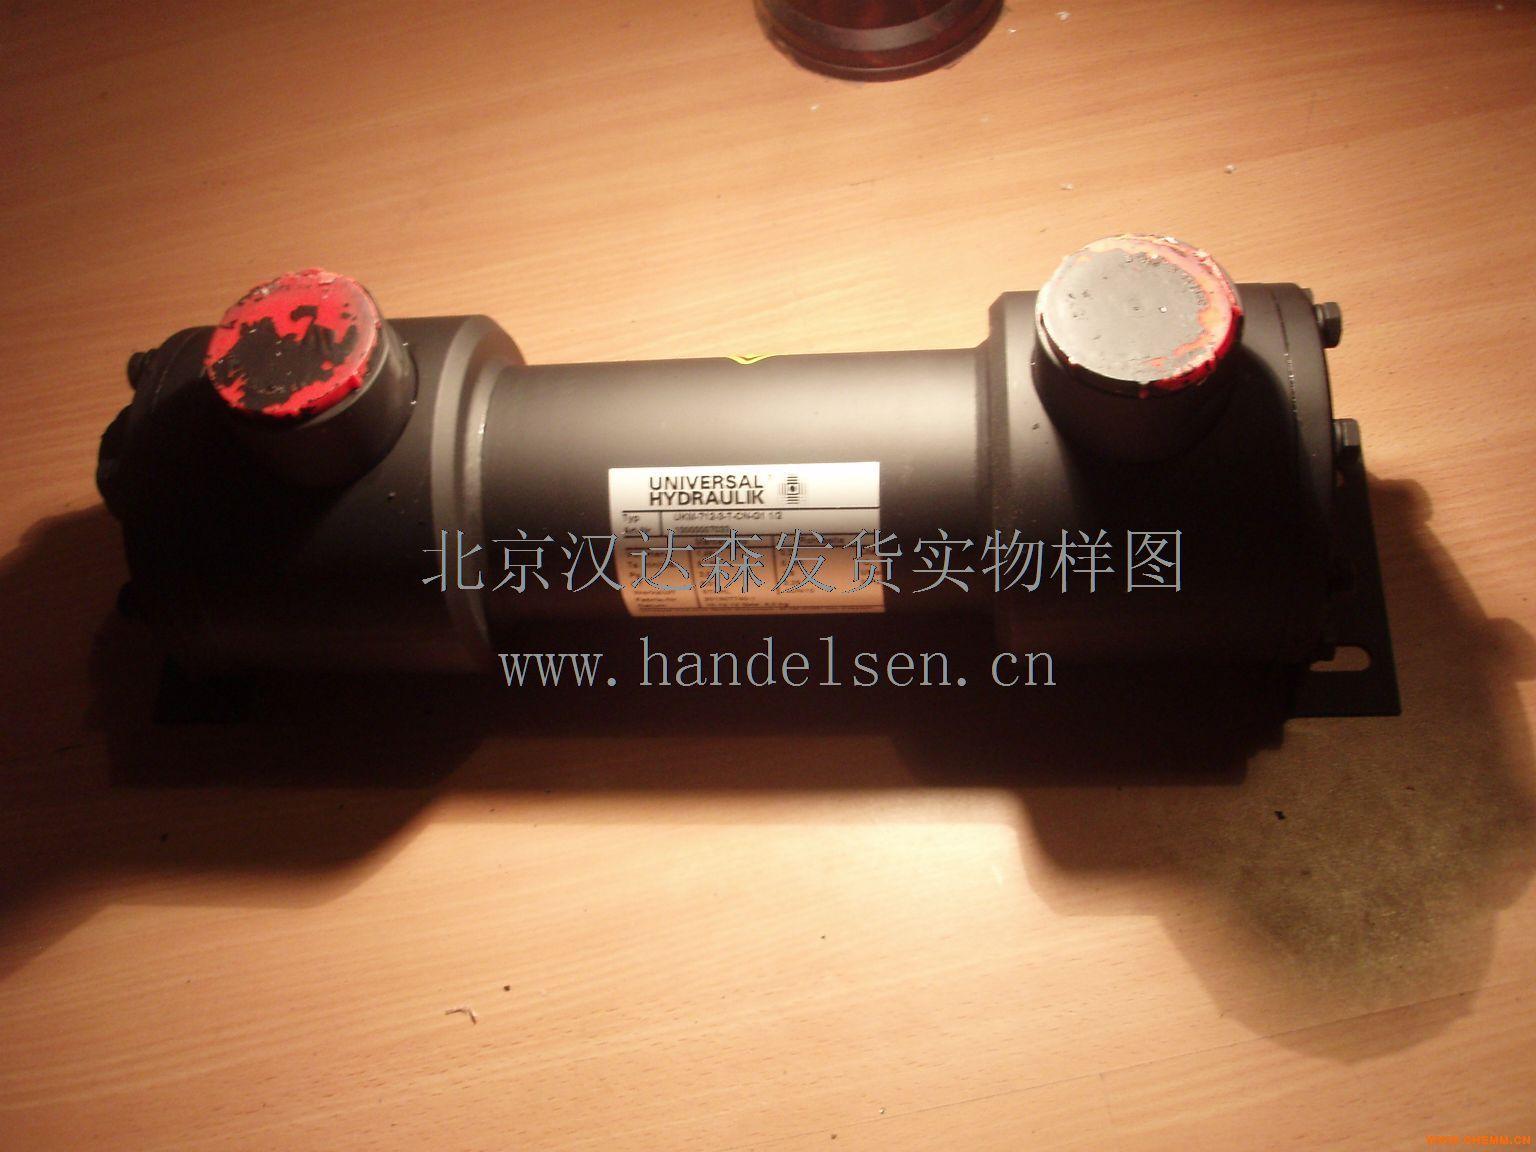 汉达森德国发货Universal EKM-1036-6-T冷却器- 北京汉达森国际贸易有限公司